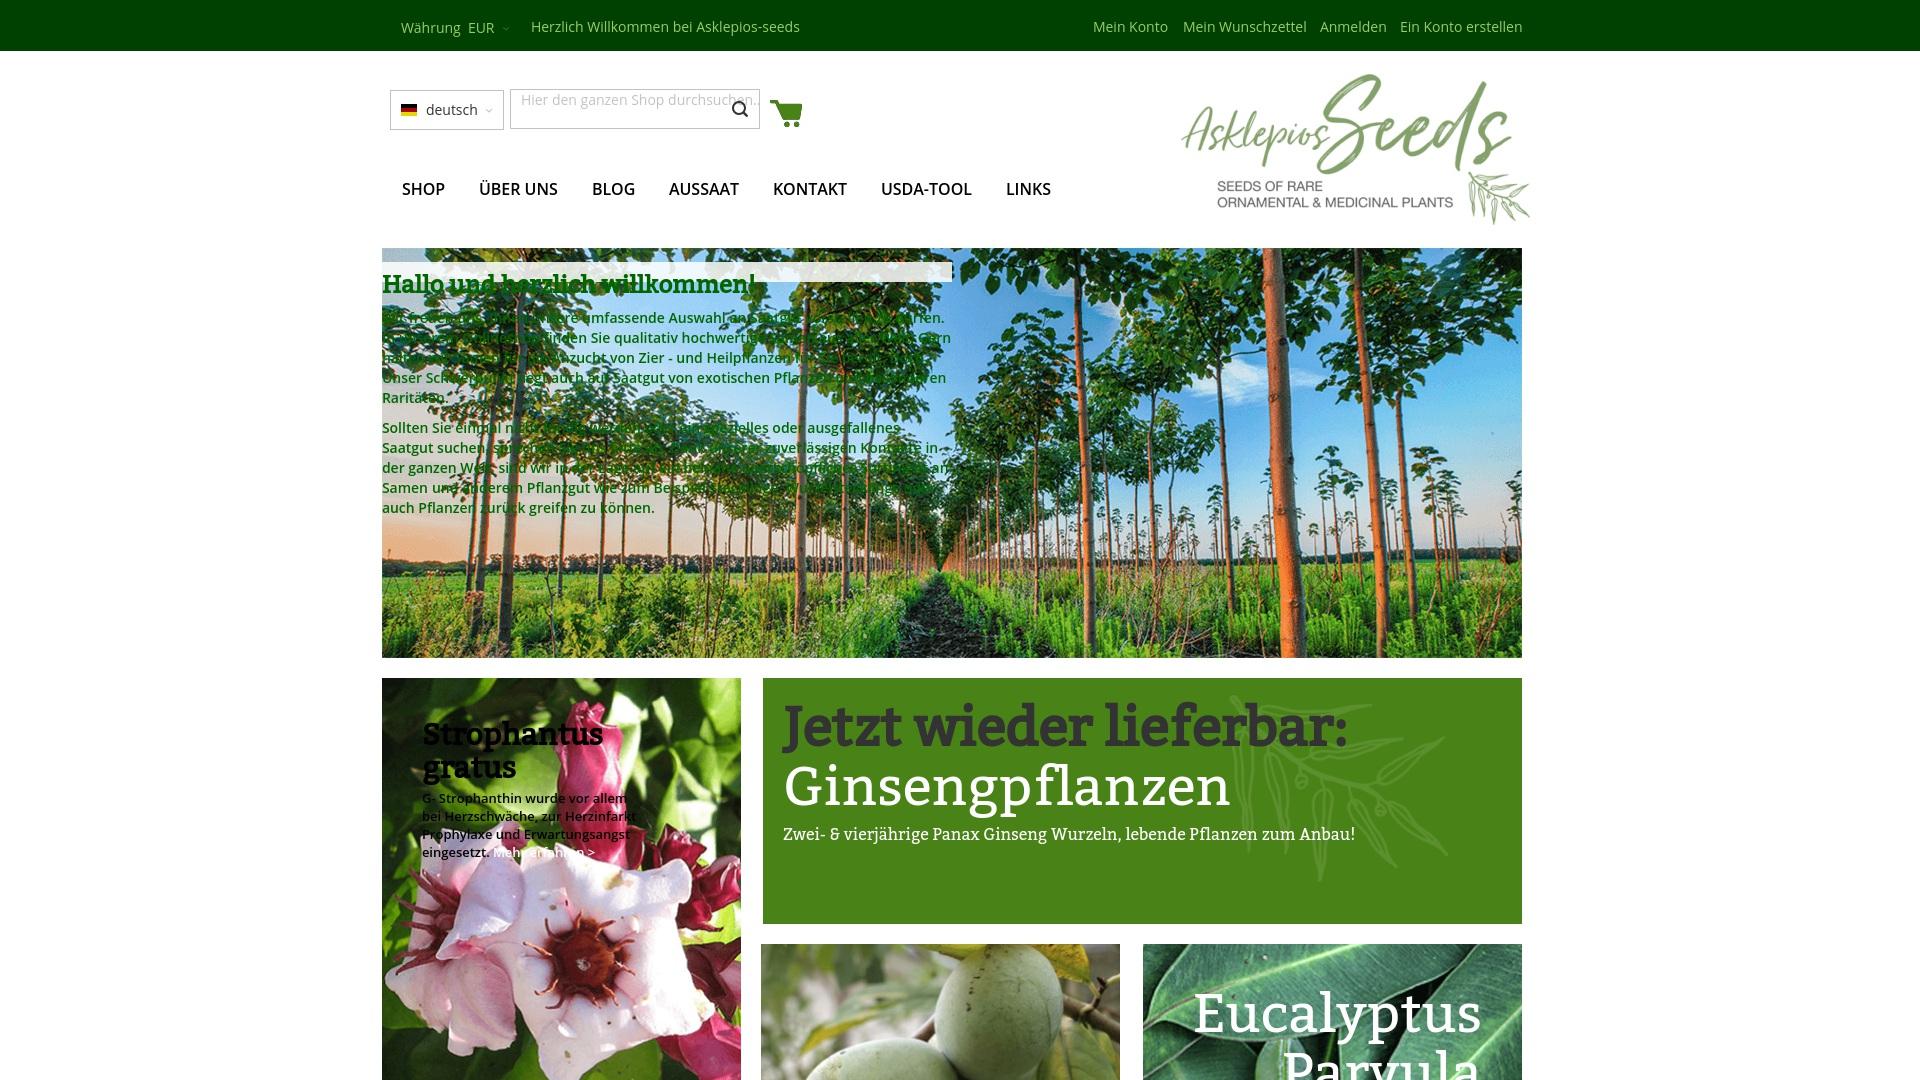 Gutschein für Asklepios-seeds: Rabatte für  Asklepios-seeds sichern